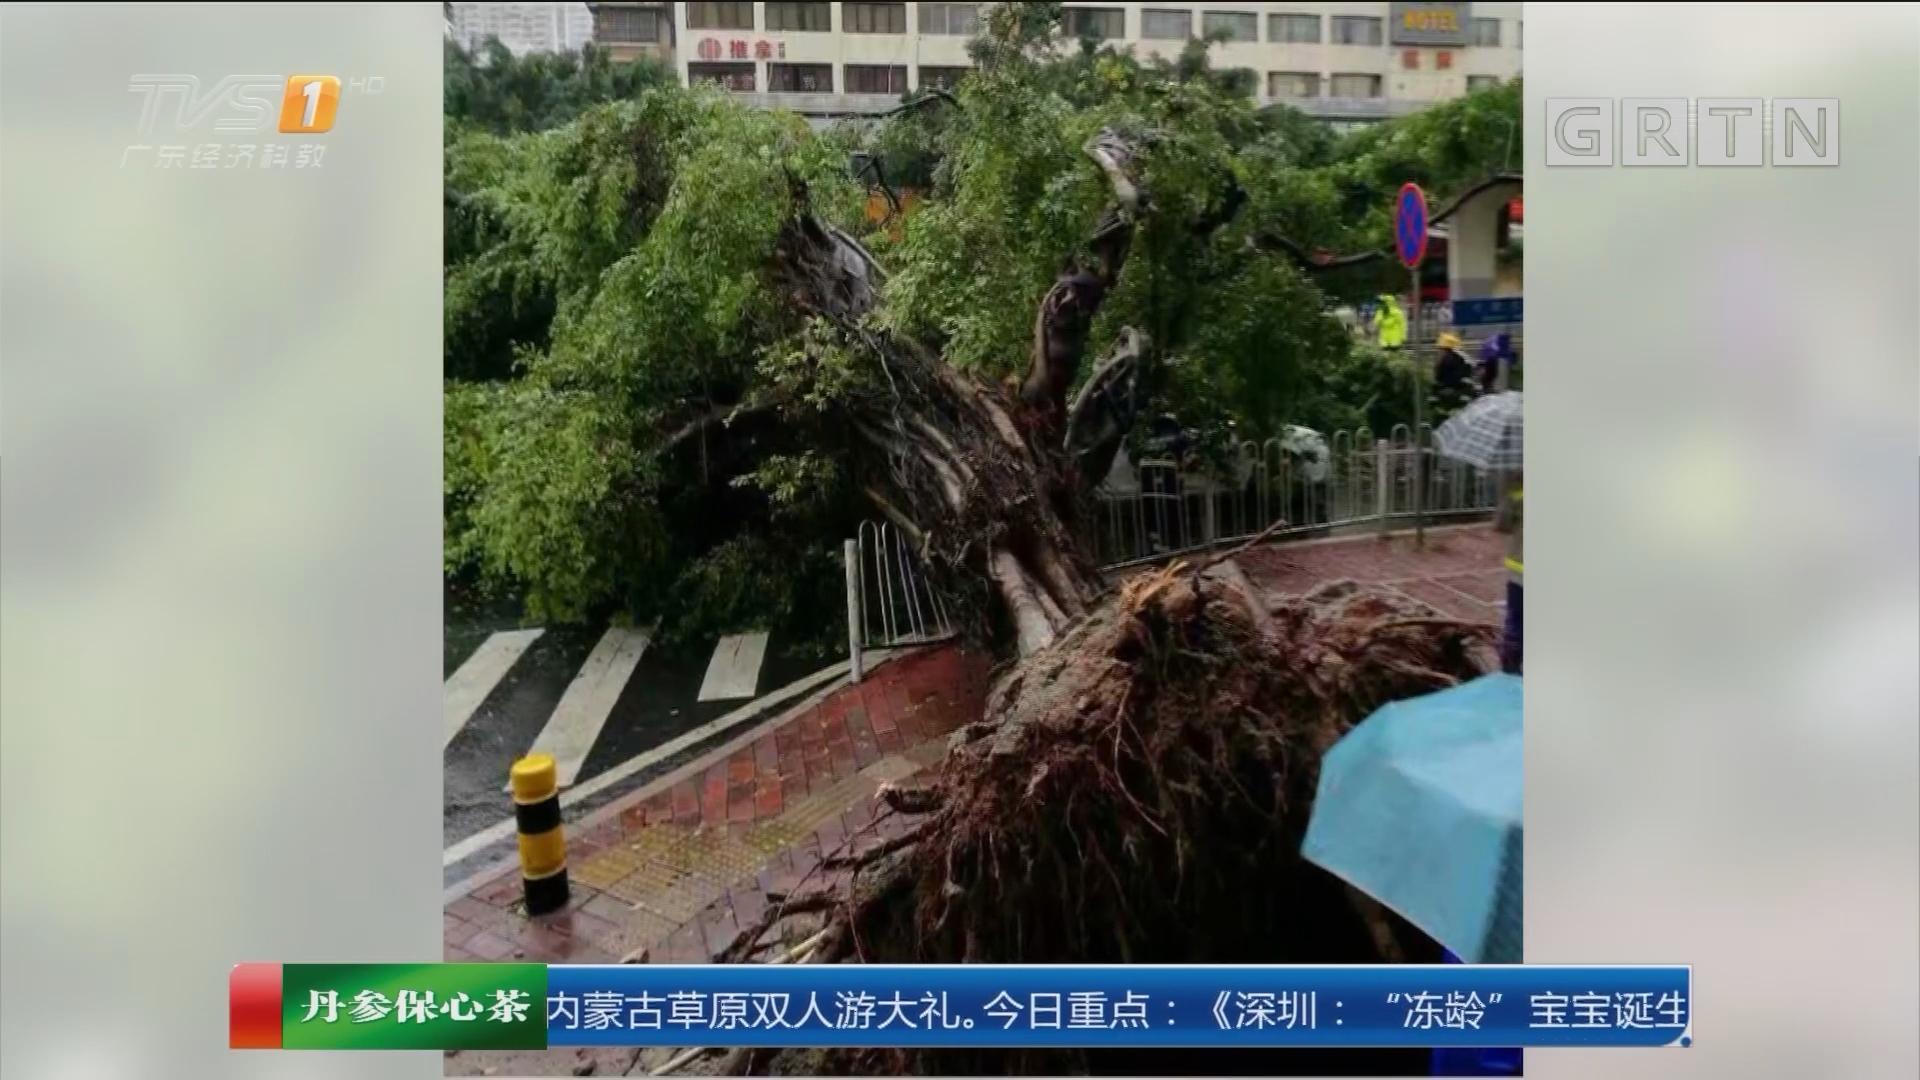 广州海珠区:水深一米二 城管送设备应急